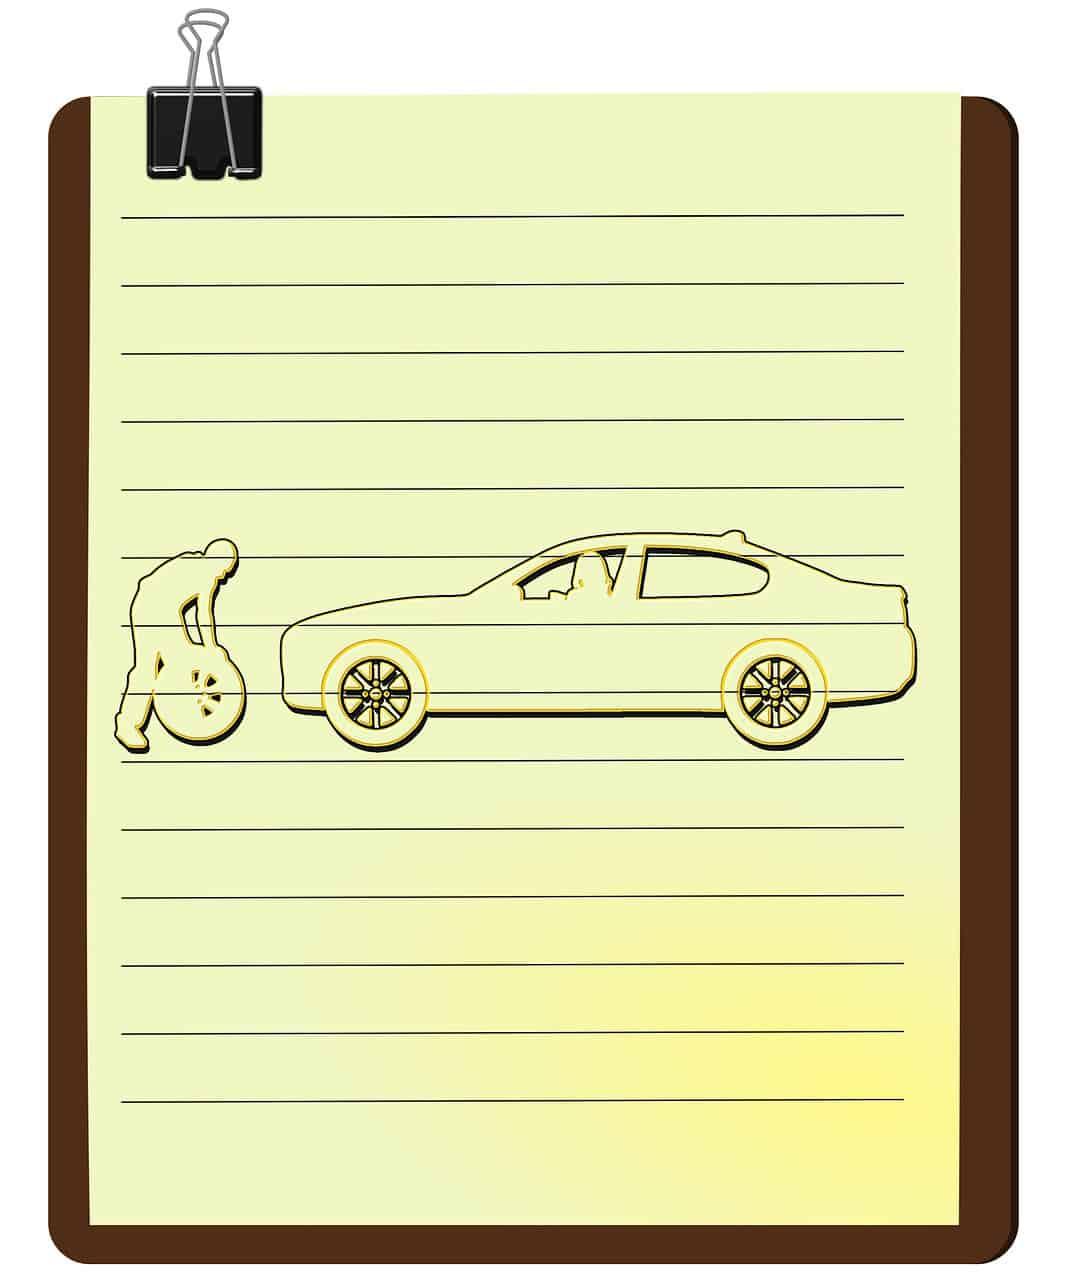 מדריך לביטוח רכב חובה